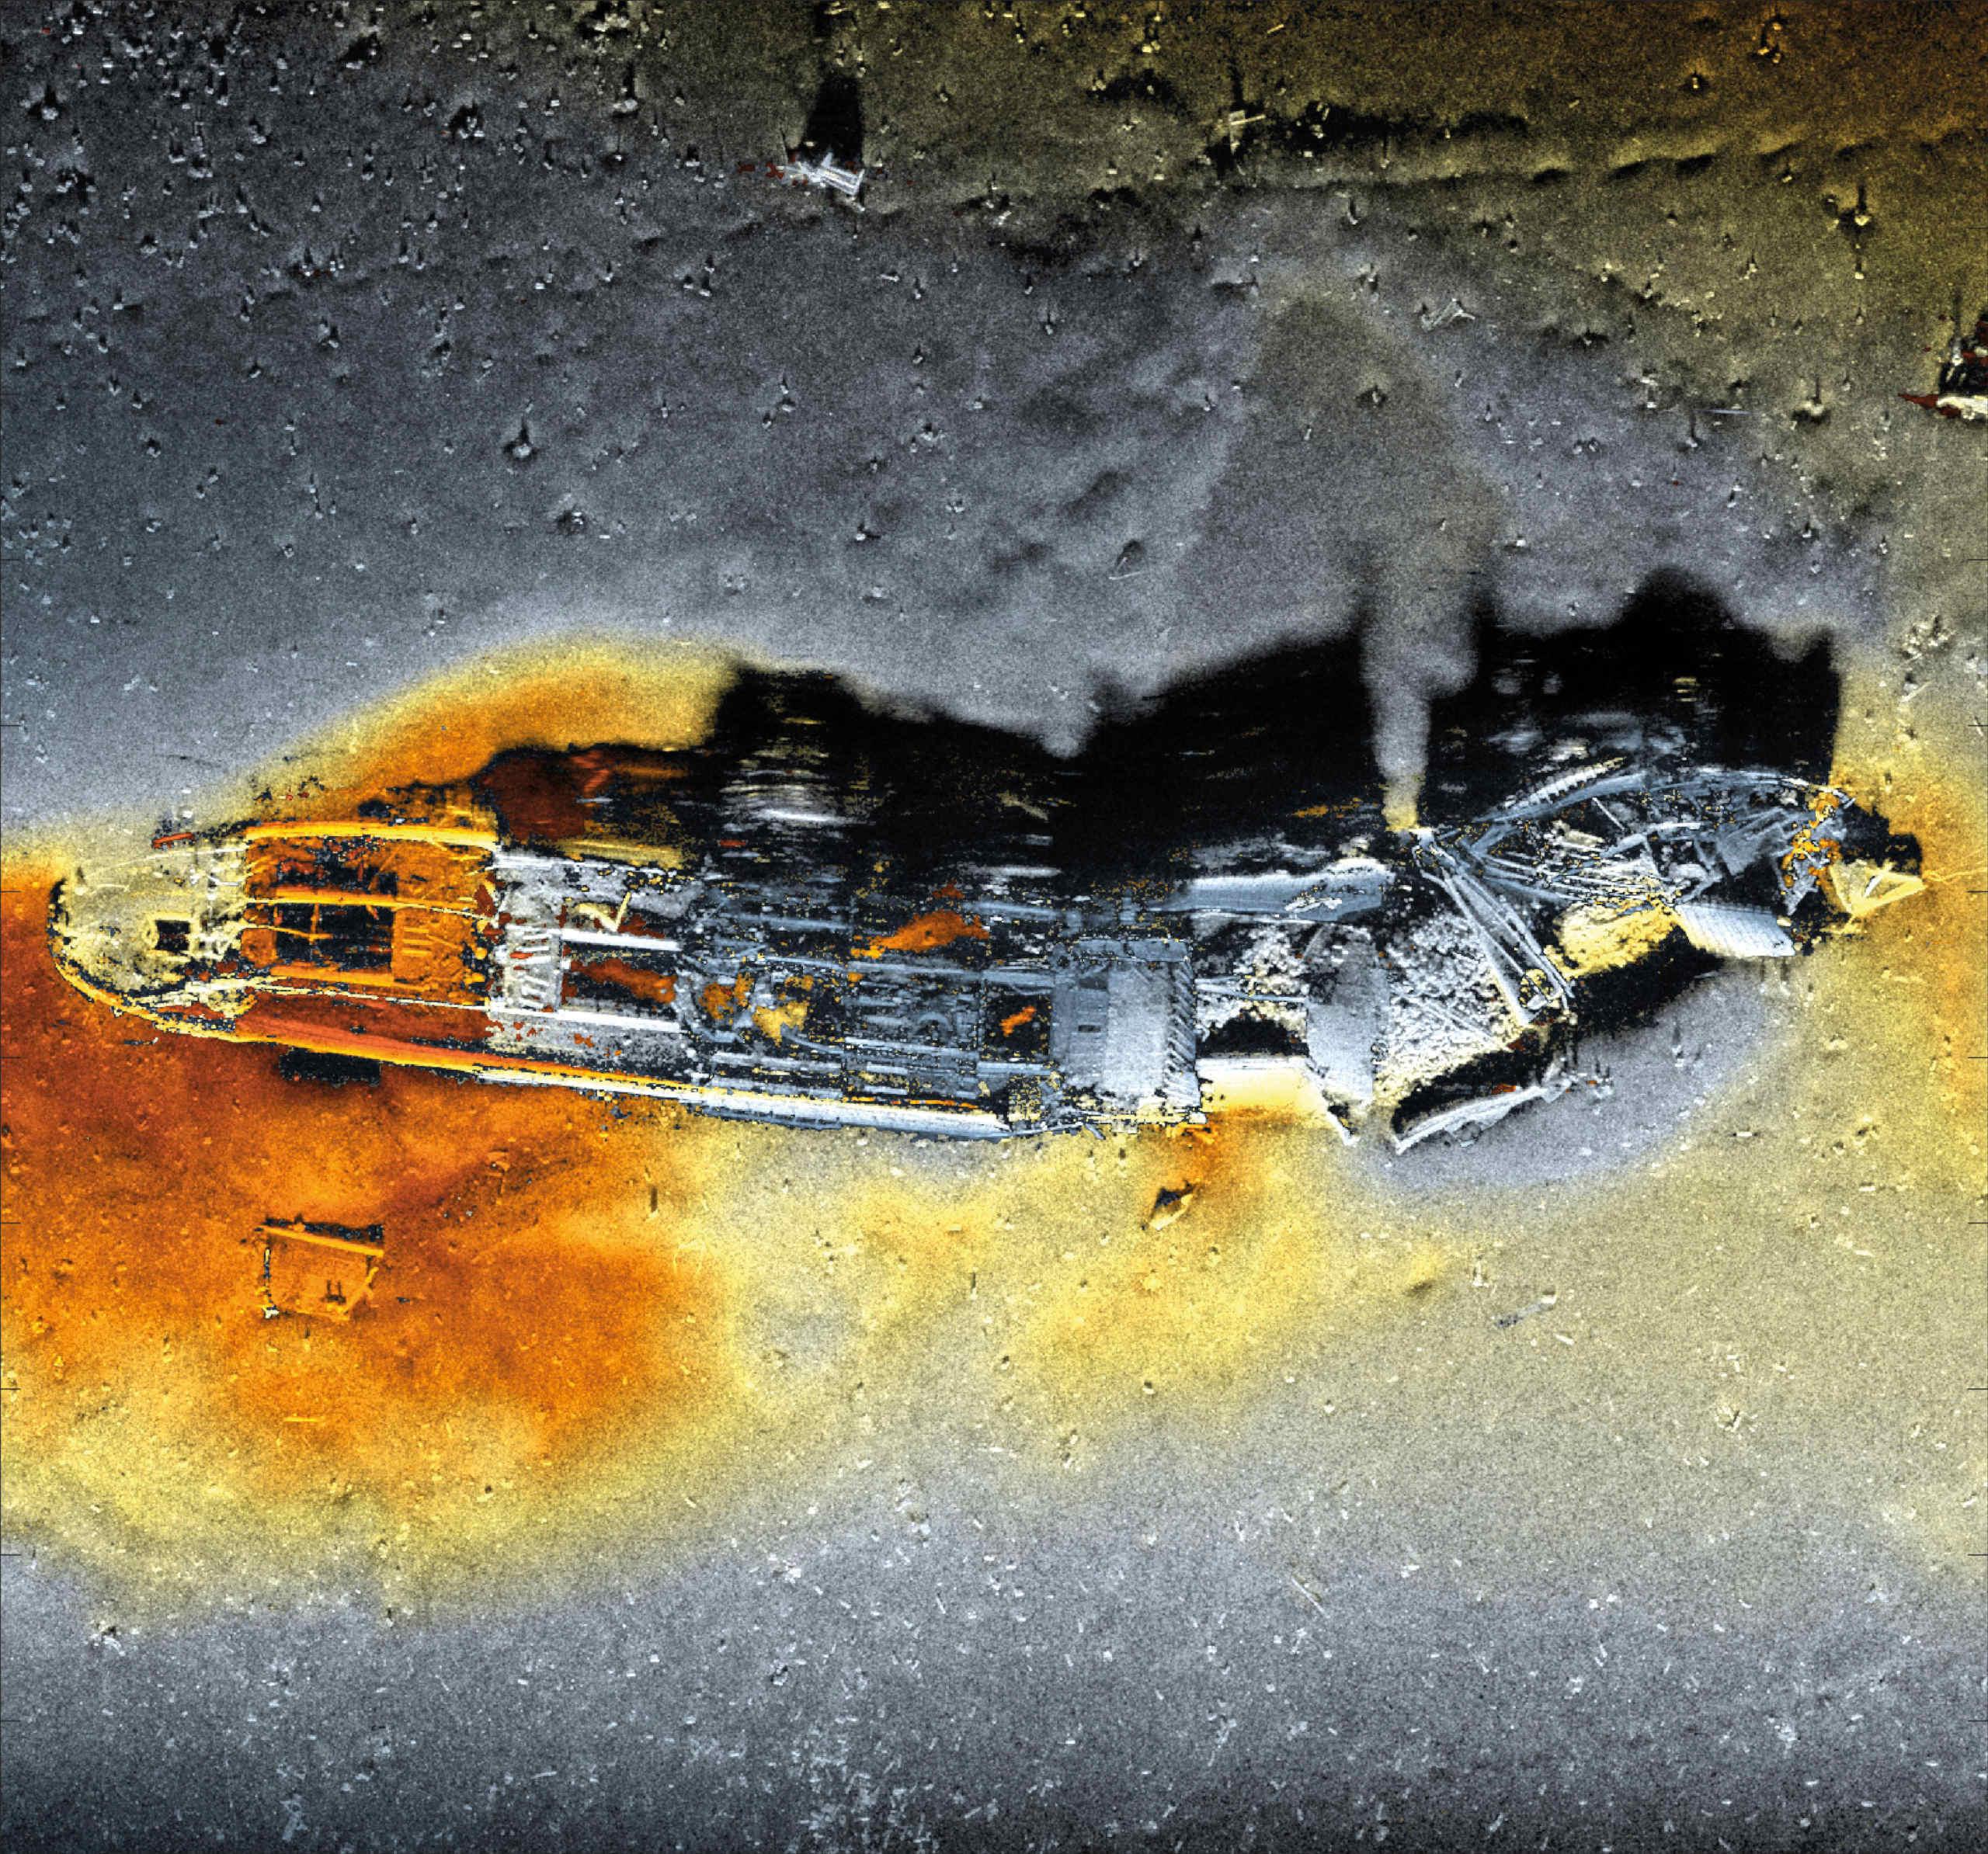 Recherche du sous-marin argentin disparu: les news (3) - Page 26 2-km_h10